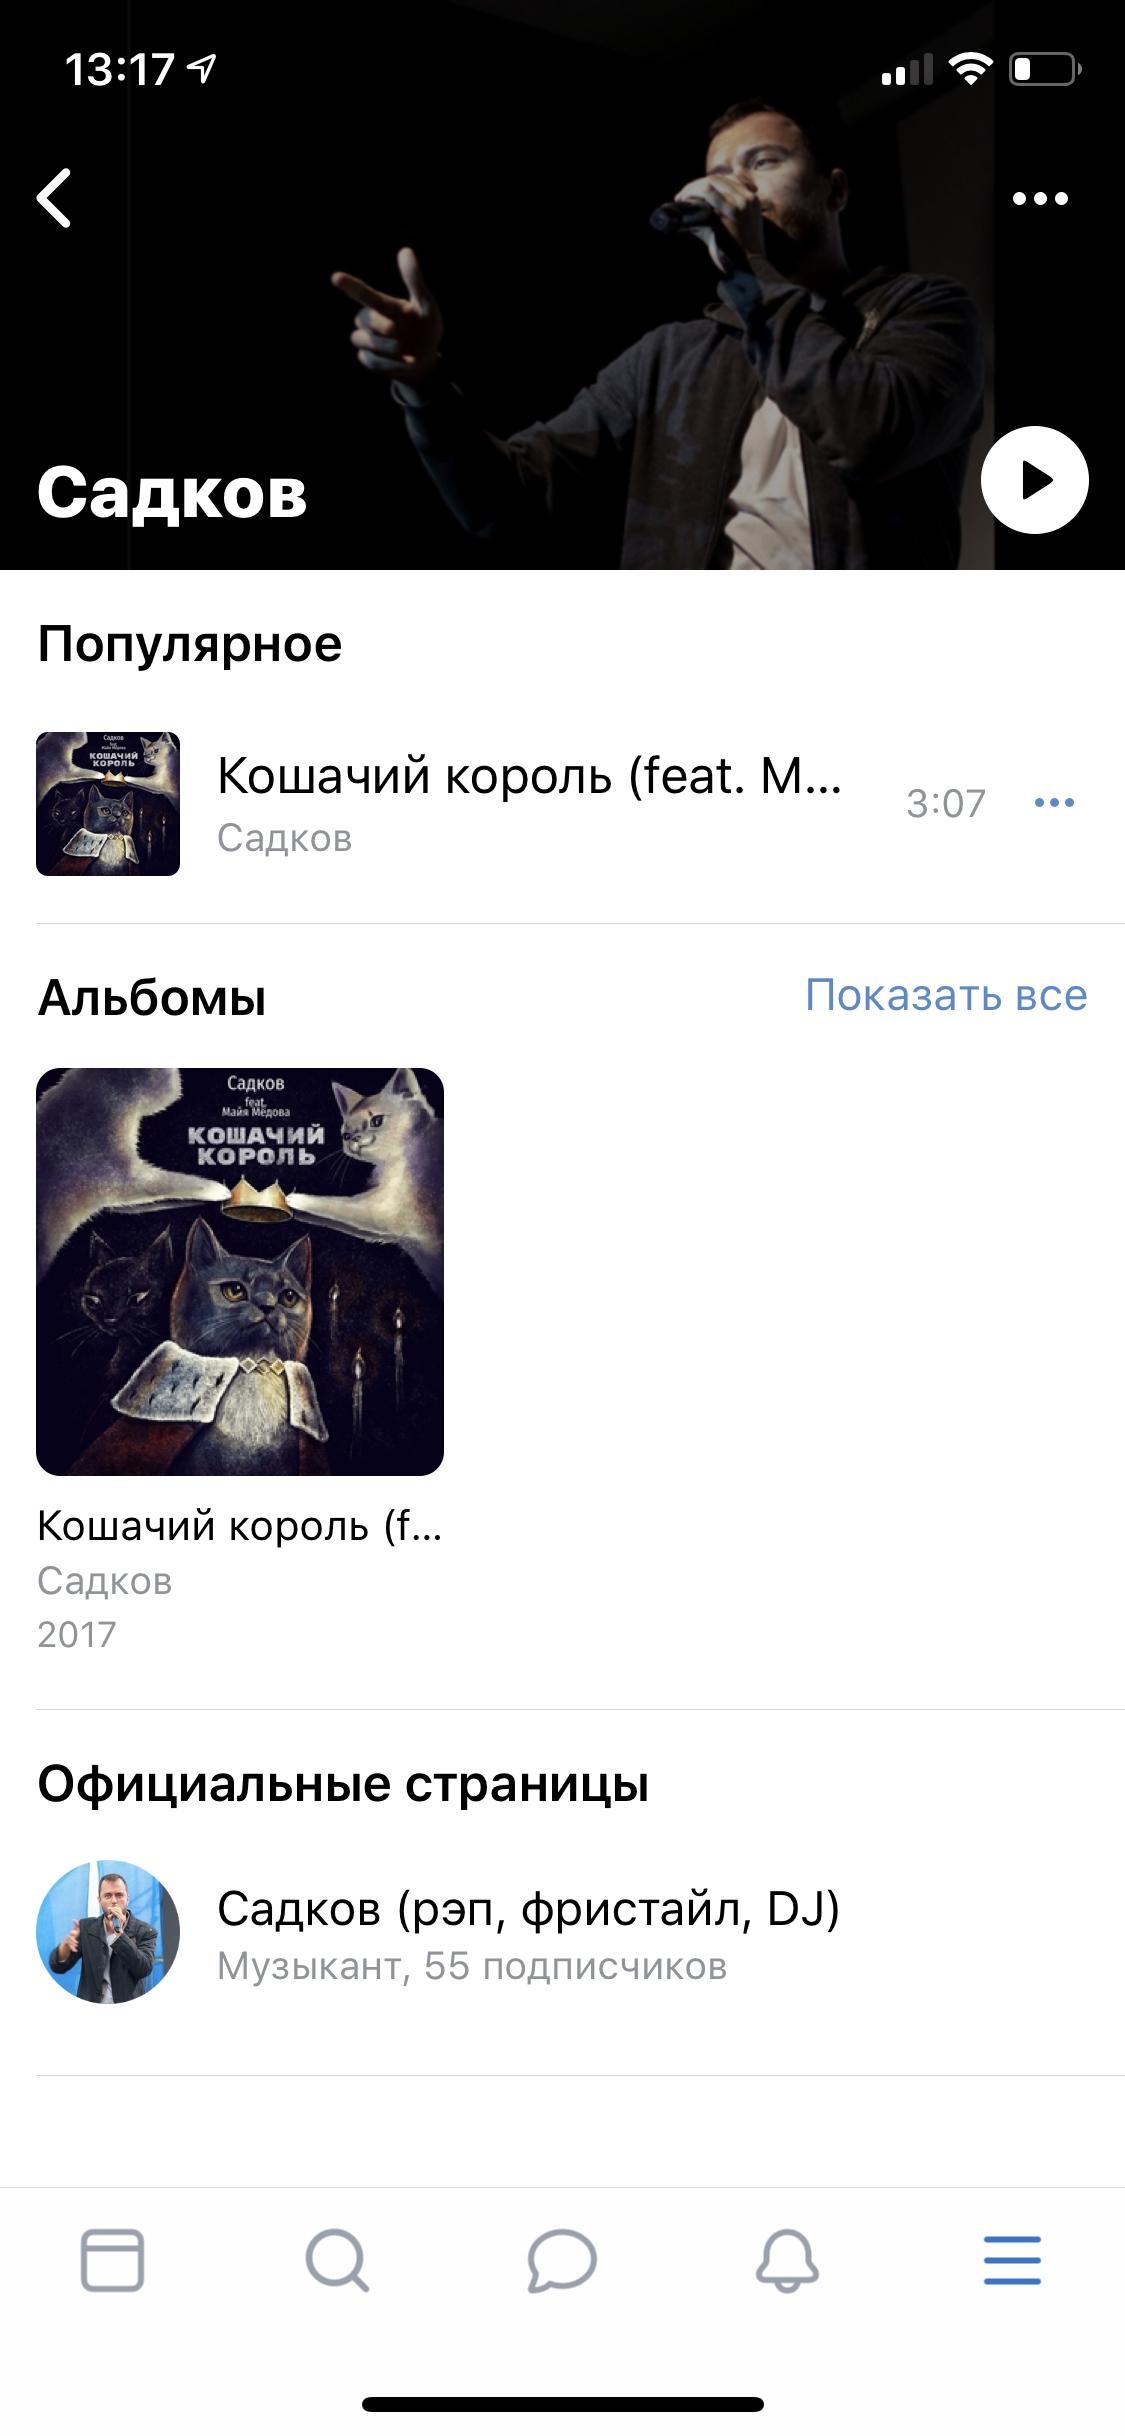 Вид карточки музыканта ВК (Boom) в мобильном приложении